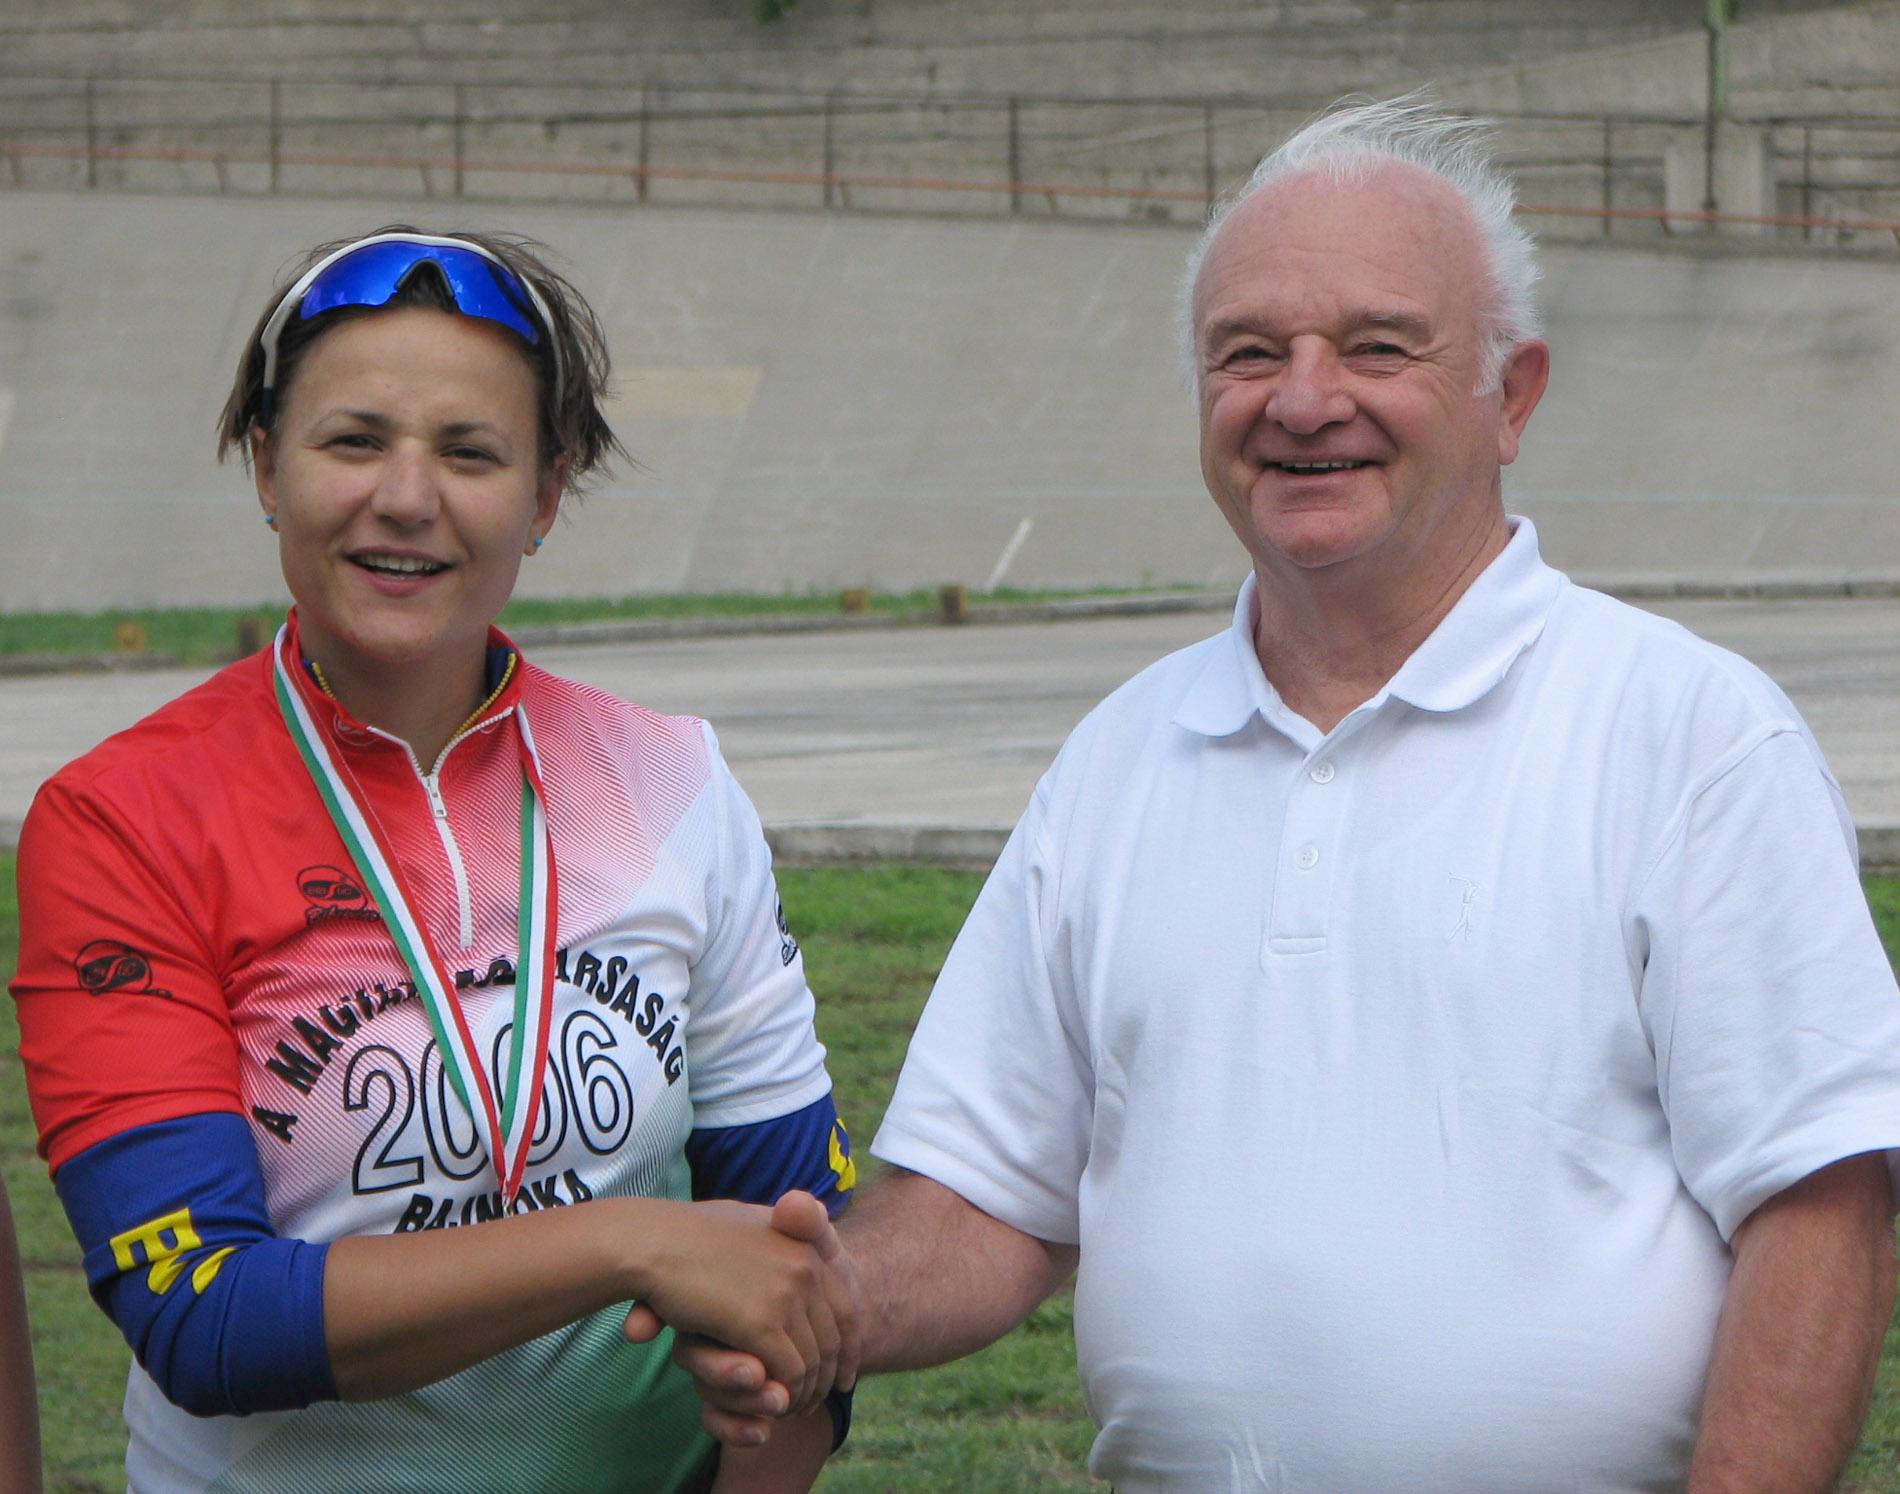 Ifj. Szekeres Béla, Helsinki 6. helyezettje a 2006-os Pálya OB-n Szabolcsi Szilvia olimpiai ötödik helyezettnek adja át a bajnoki mezt és érmet